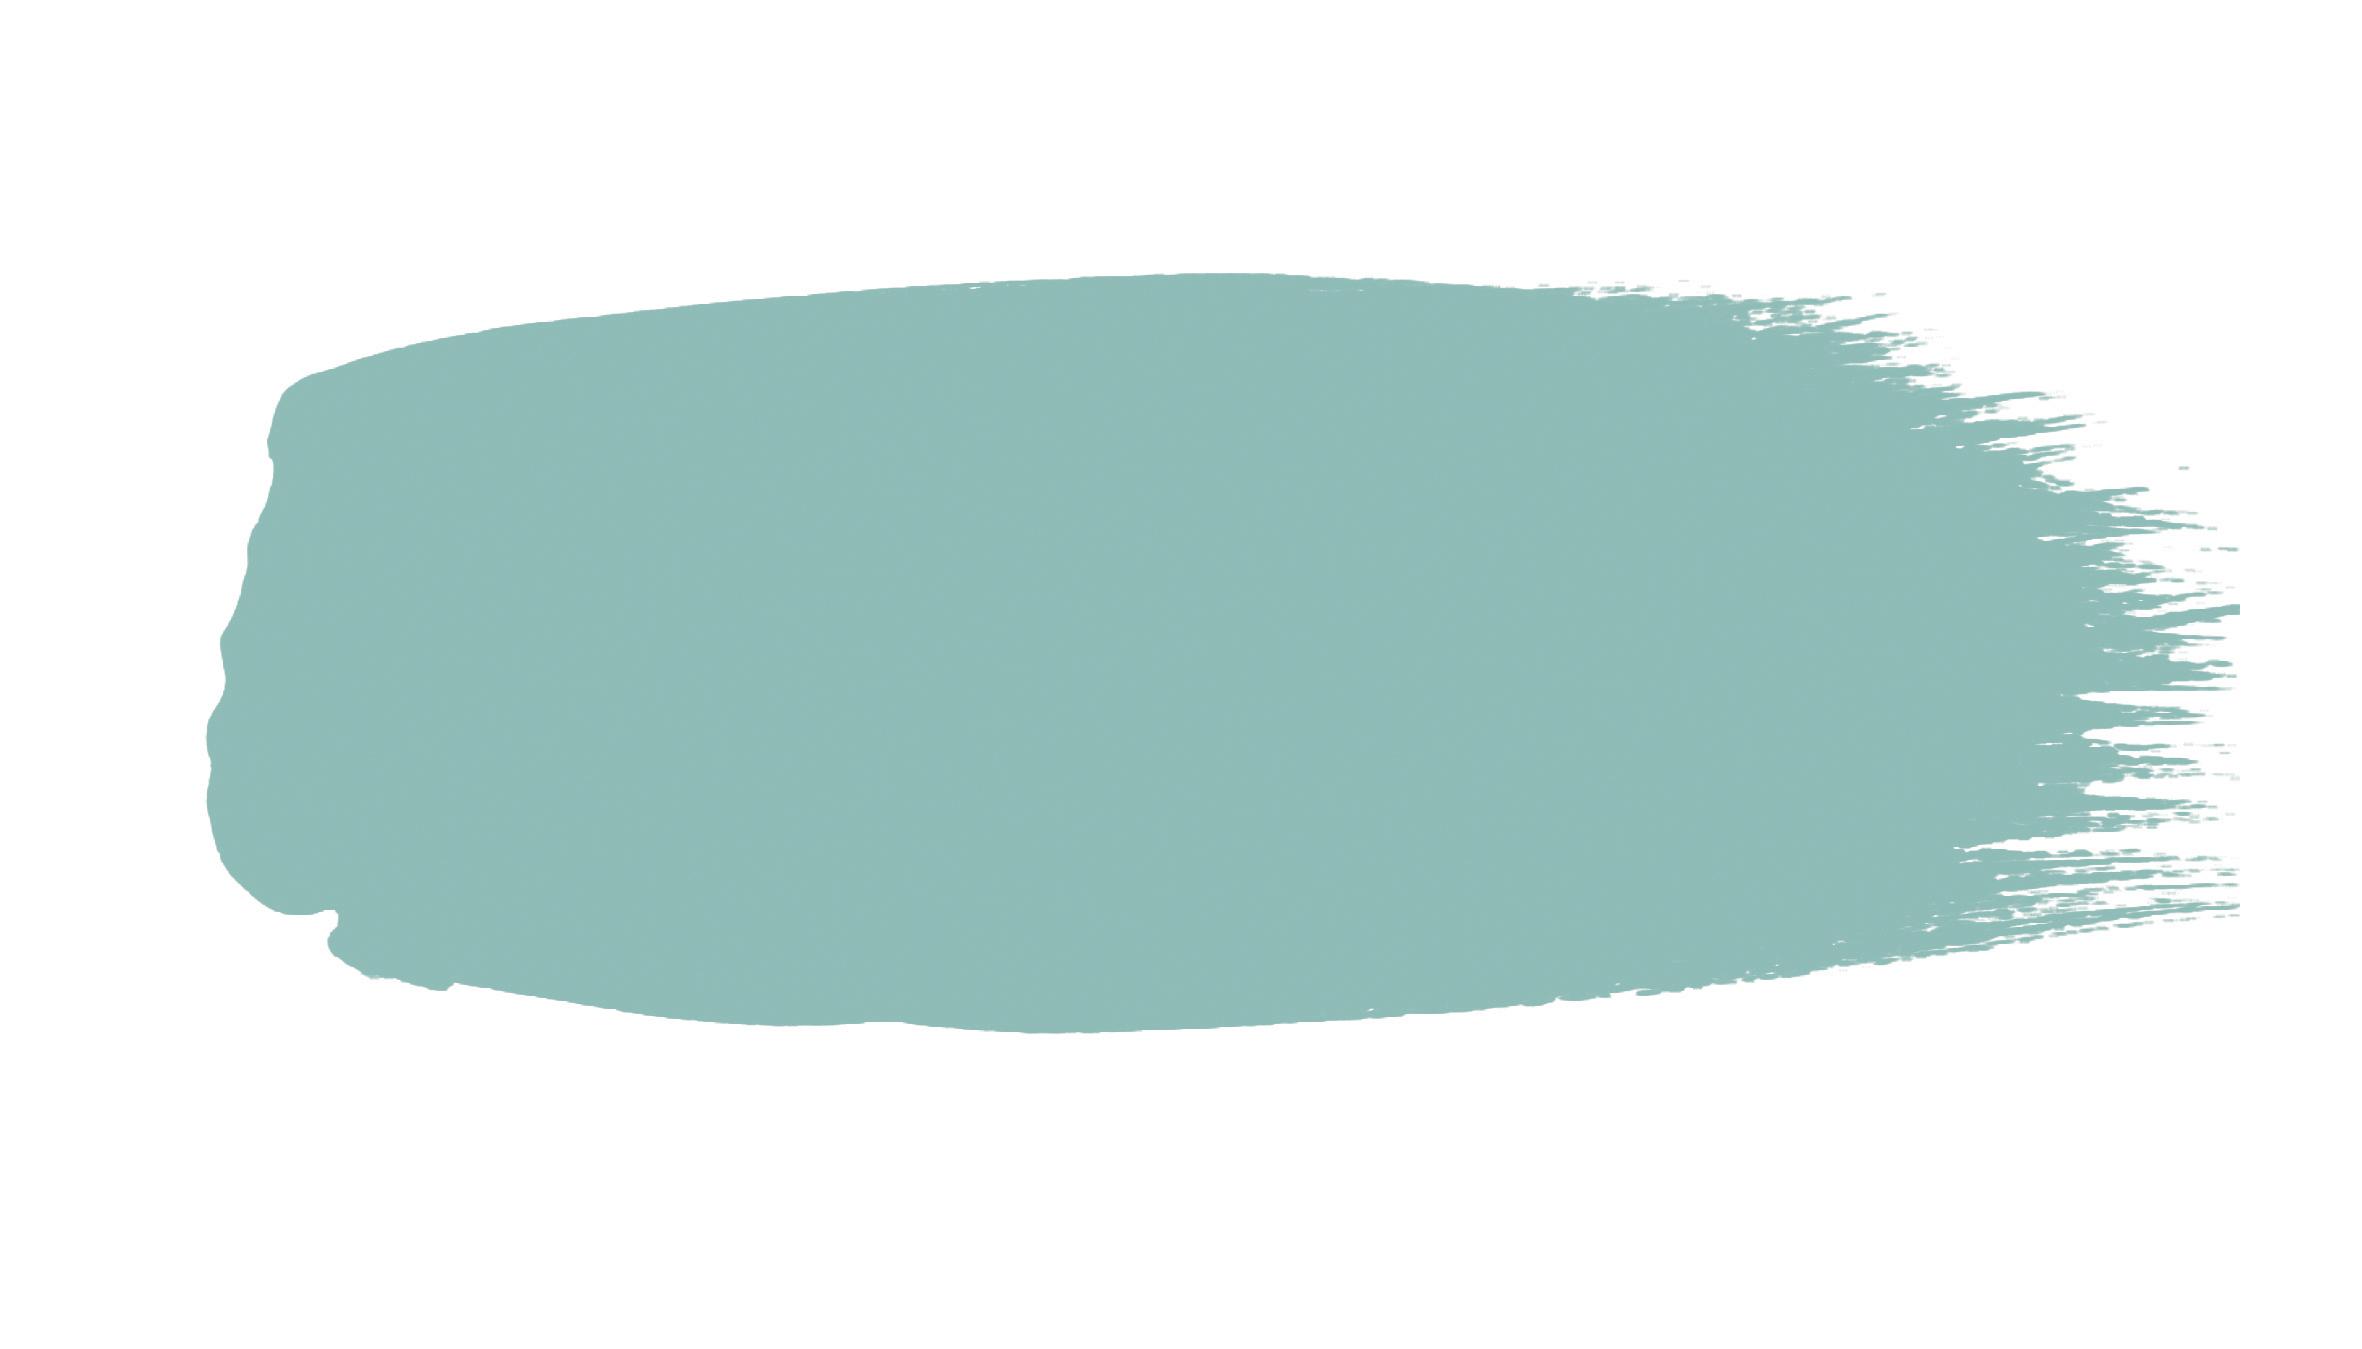 Peinture Bleu Vert Pastel - Pall Mall n°309 - Little Greene